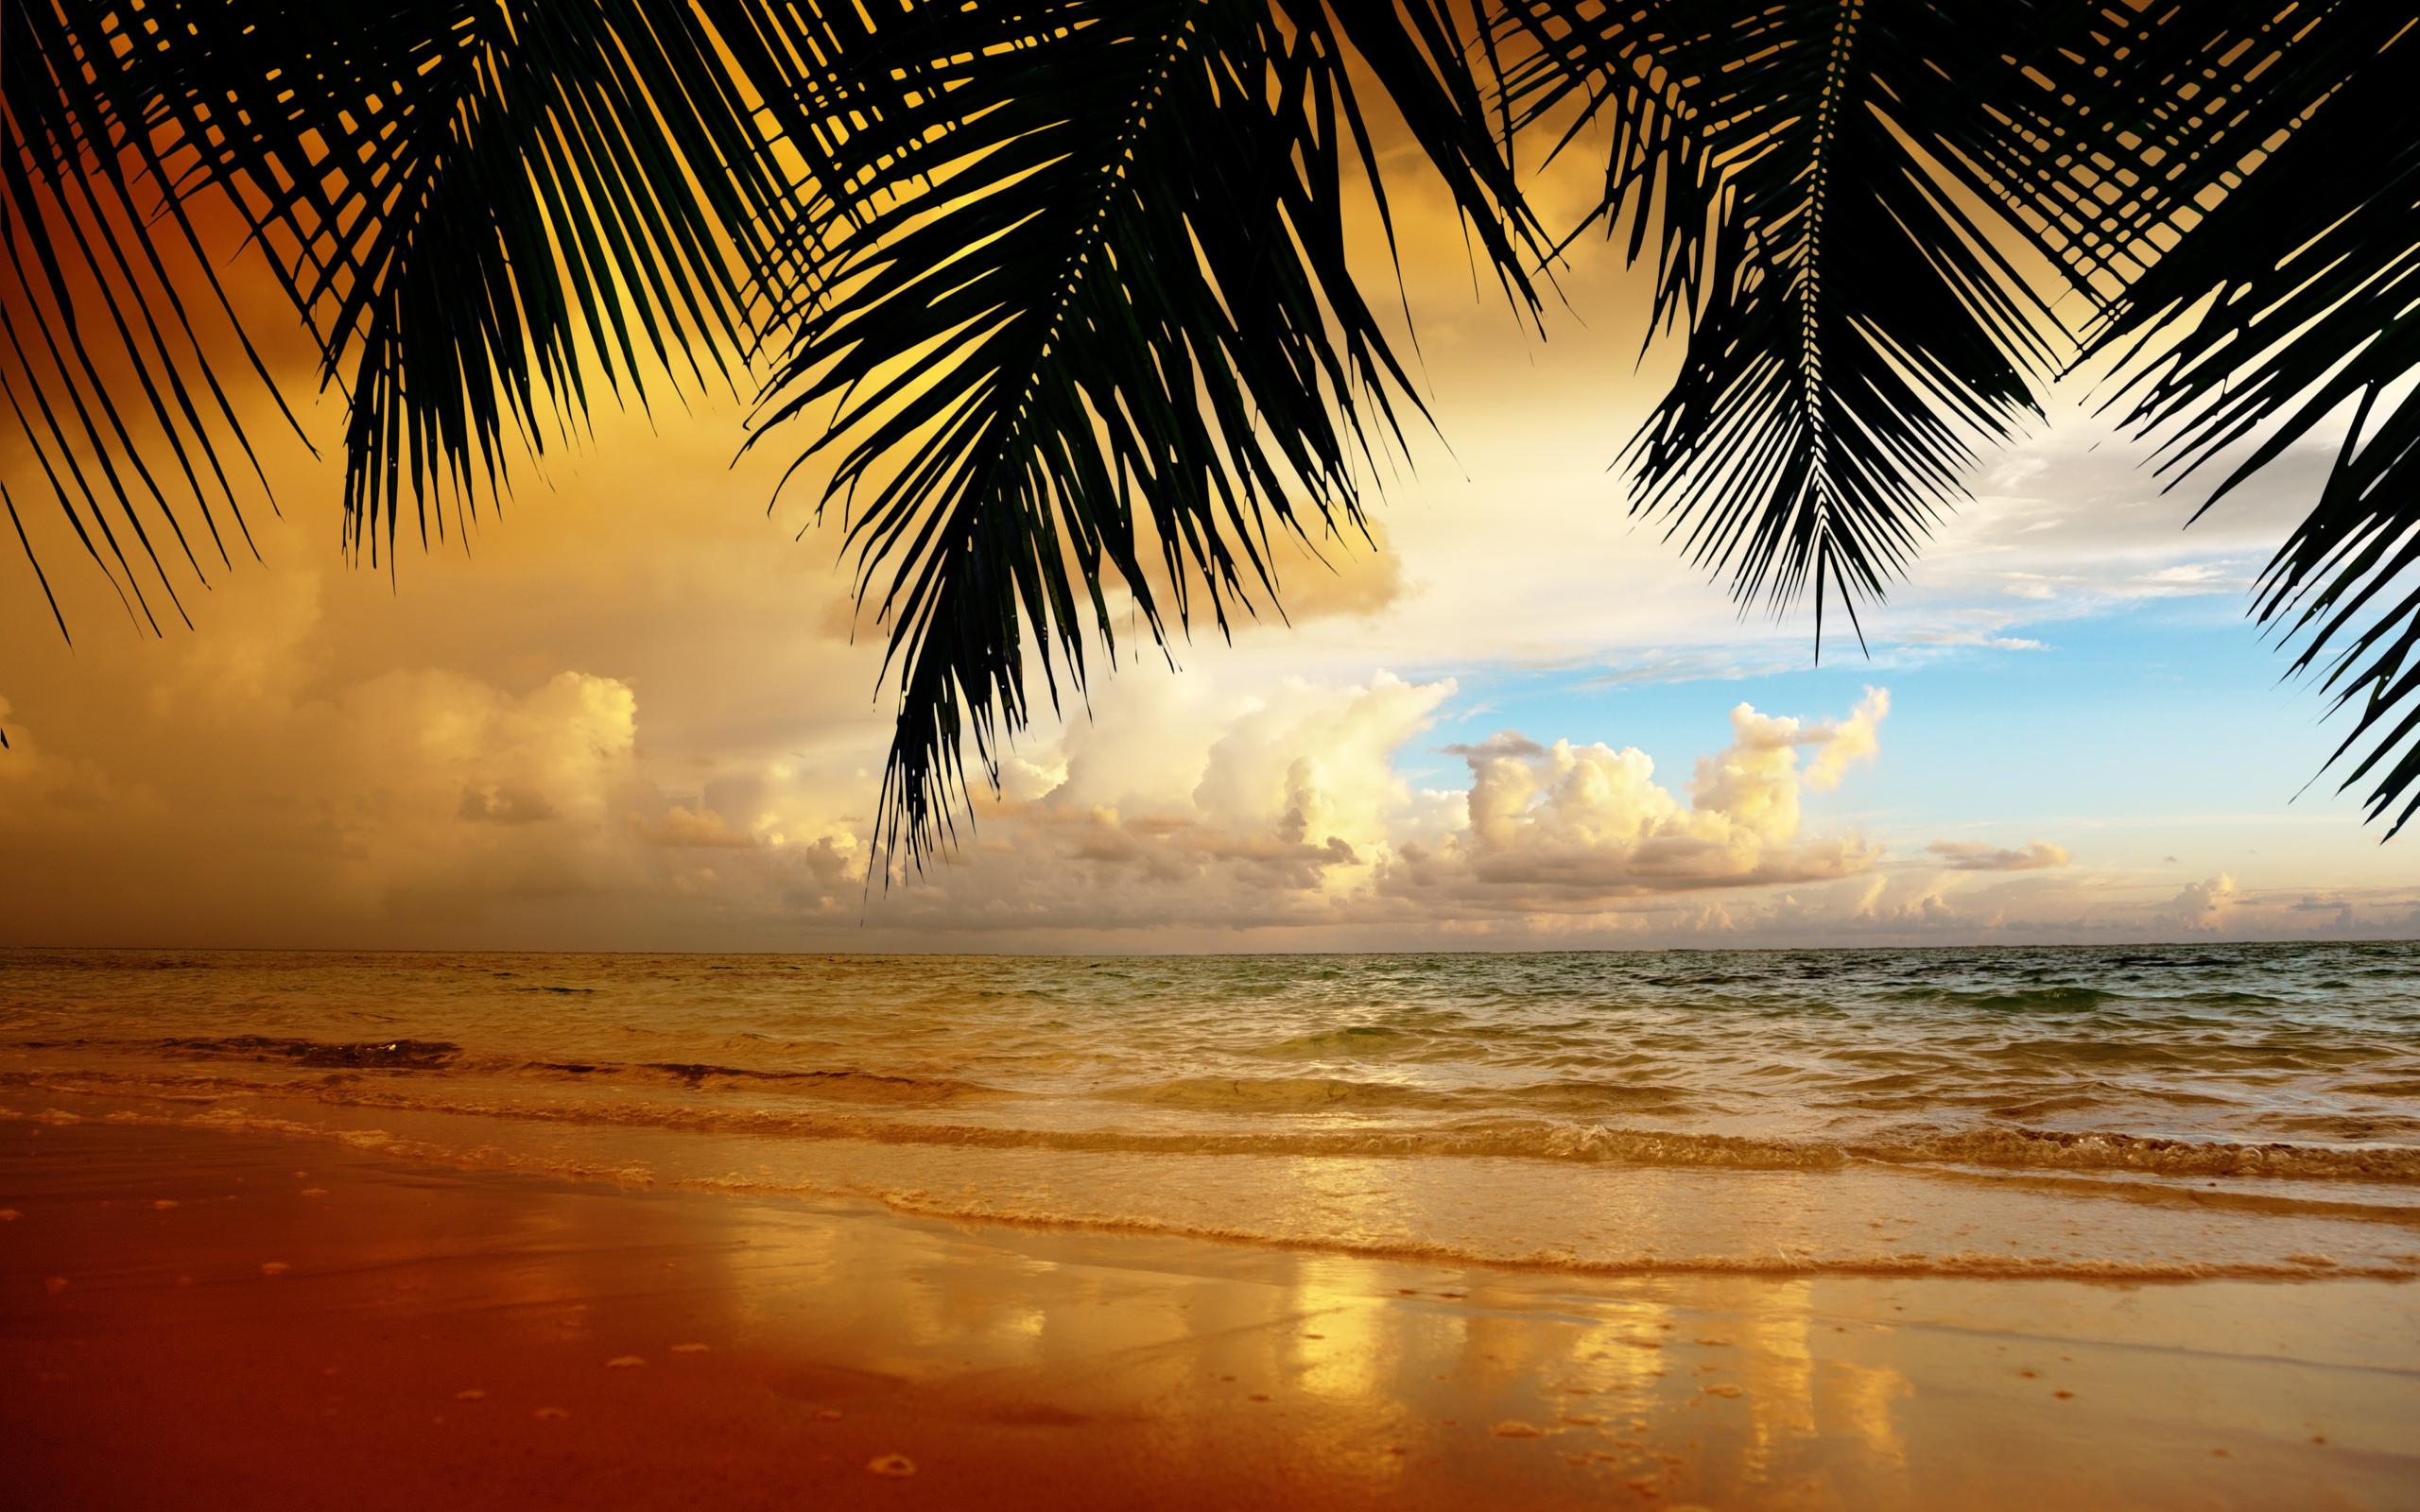 16932 скачать обои Пейзаж, Закат, Море, Пляж, Пальмы - заставки и картинки бесплатно